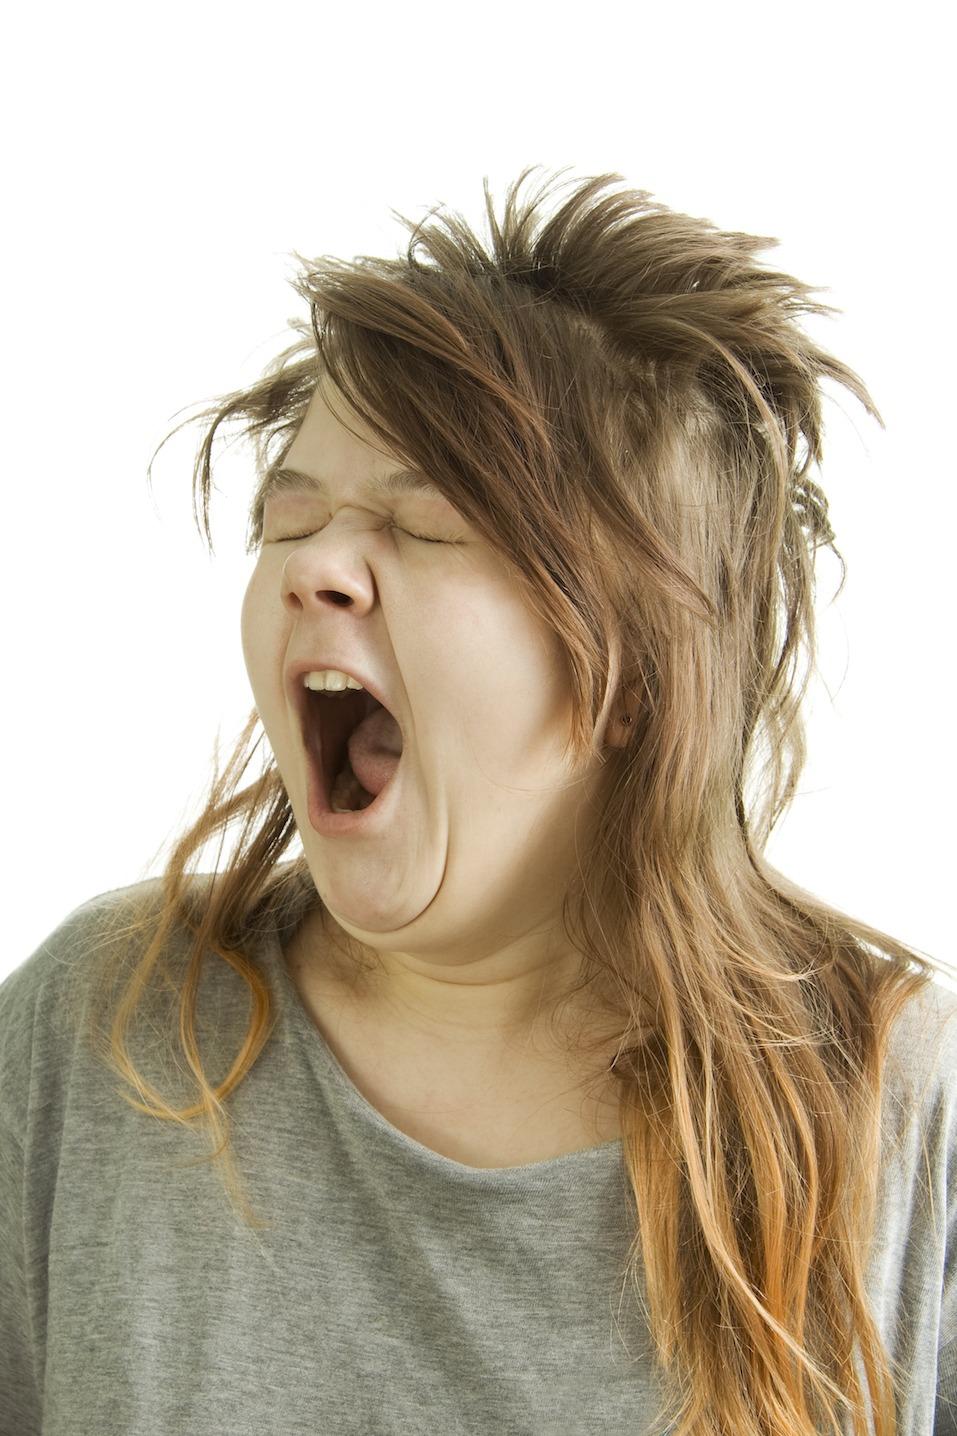 Sleepy girl yawning